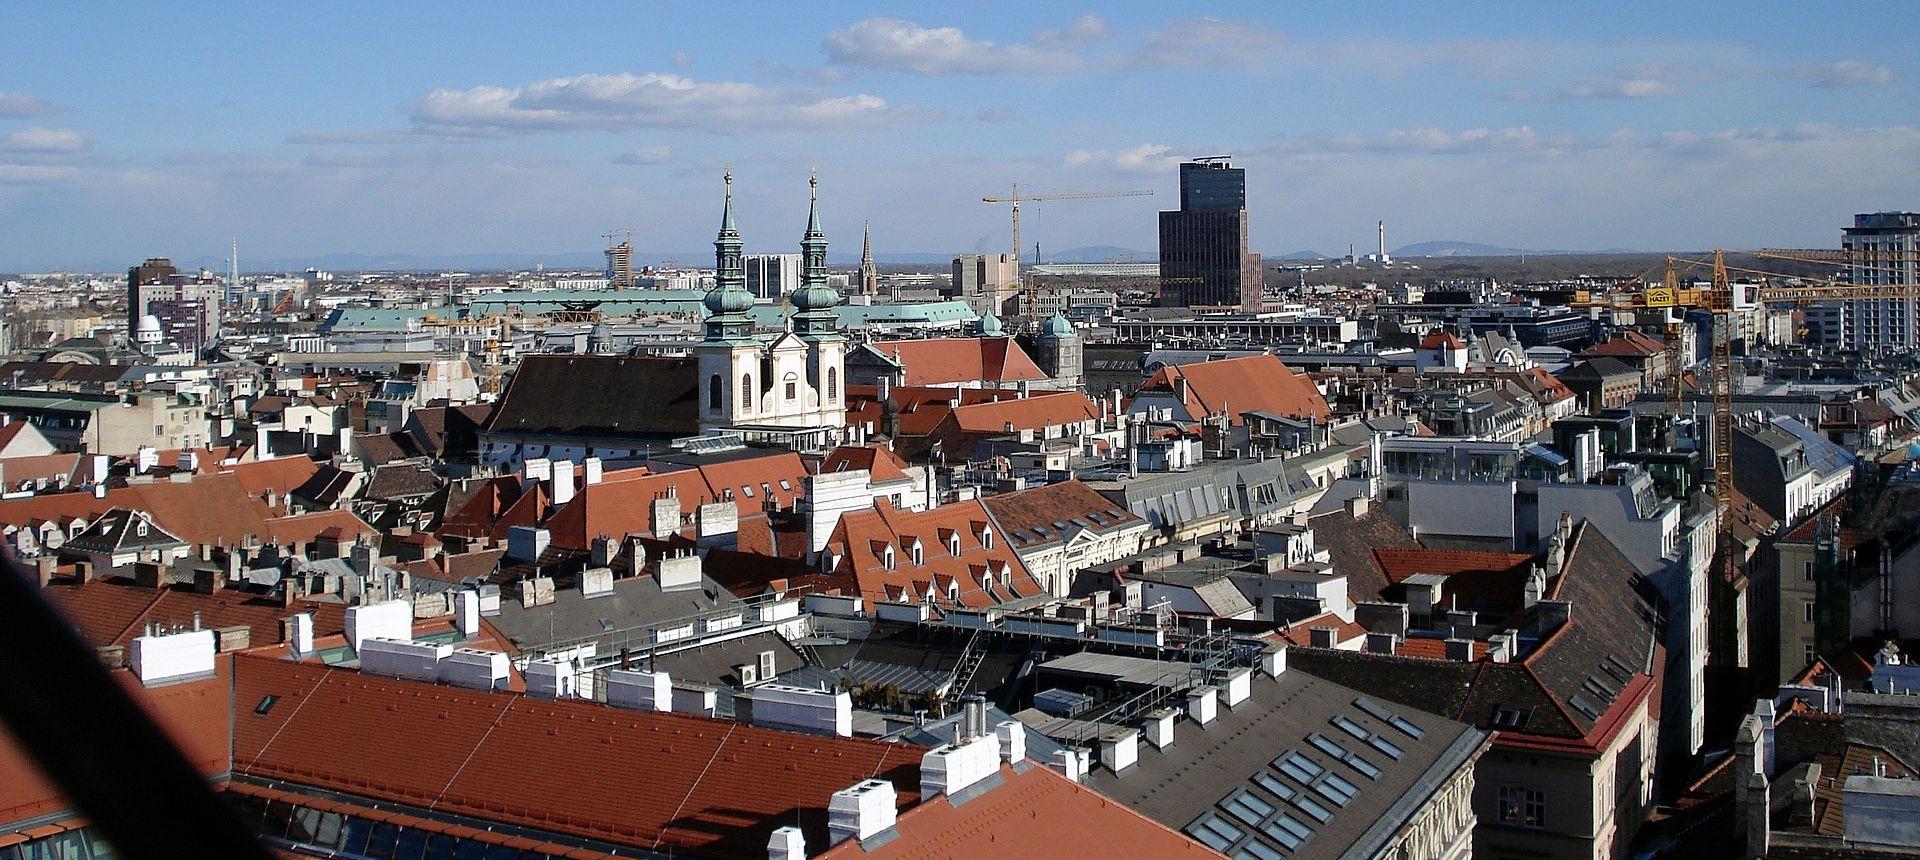 Počeo bečki Viennafair, jedan od najvećih međunarodnih sajmova umjetnosti